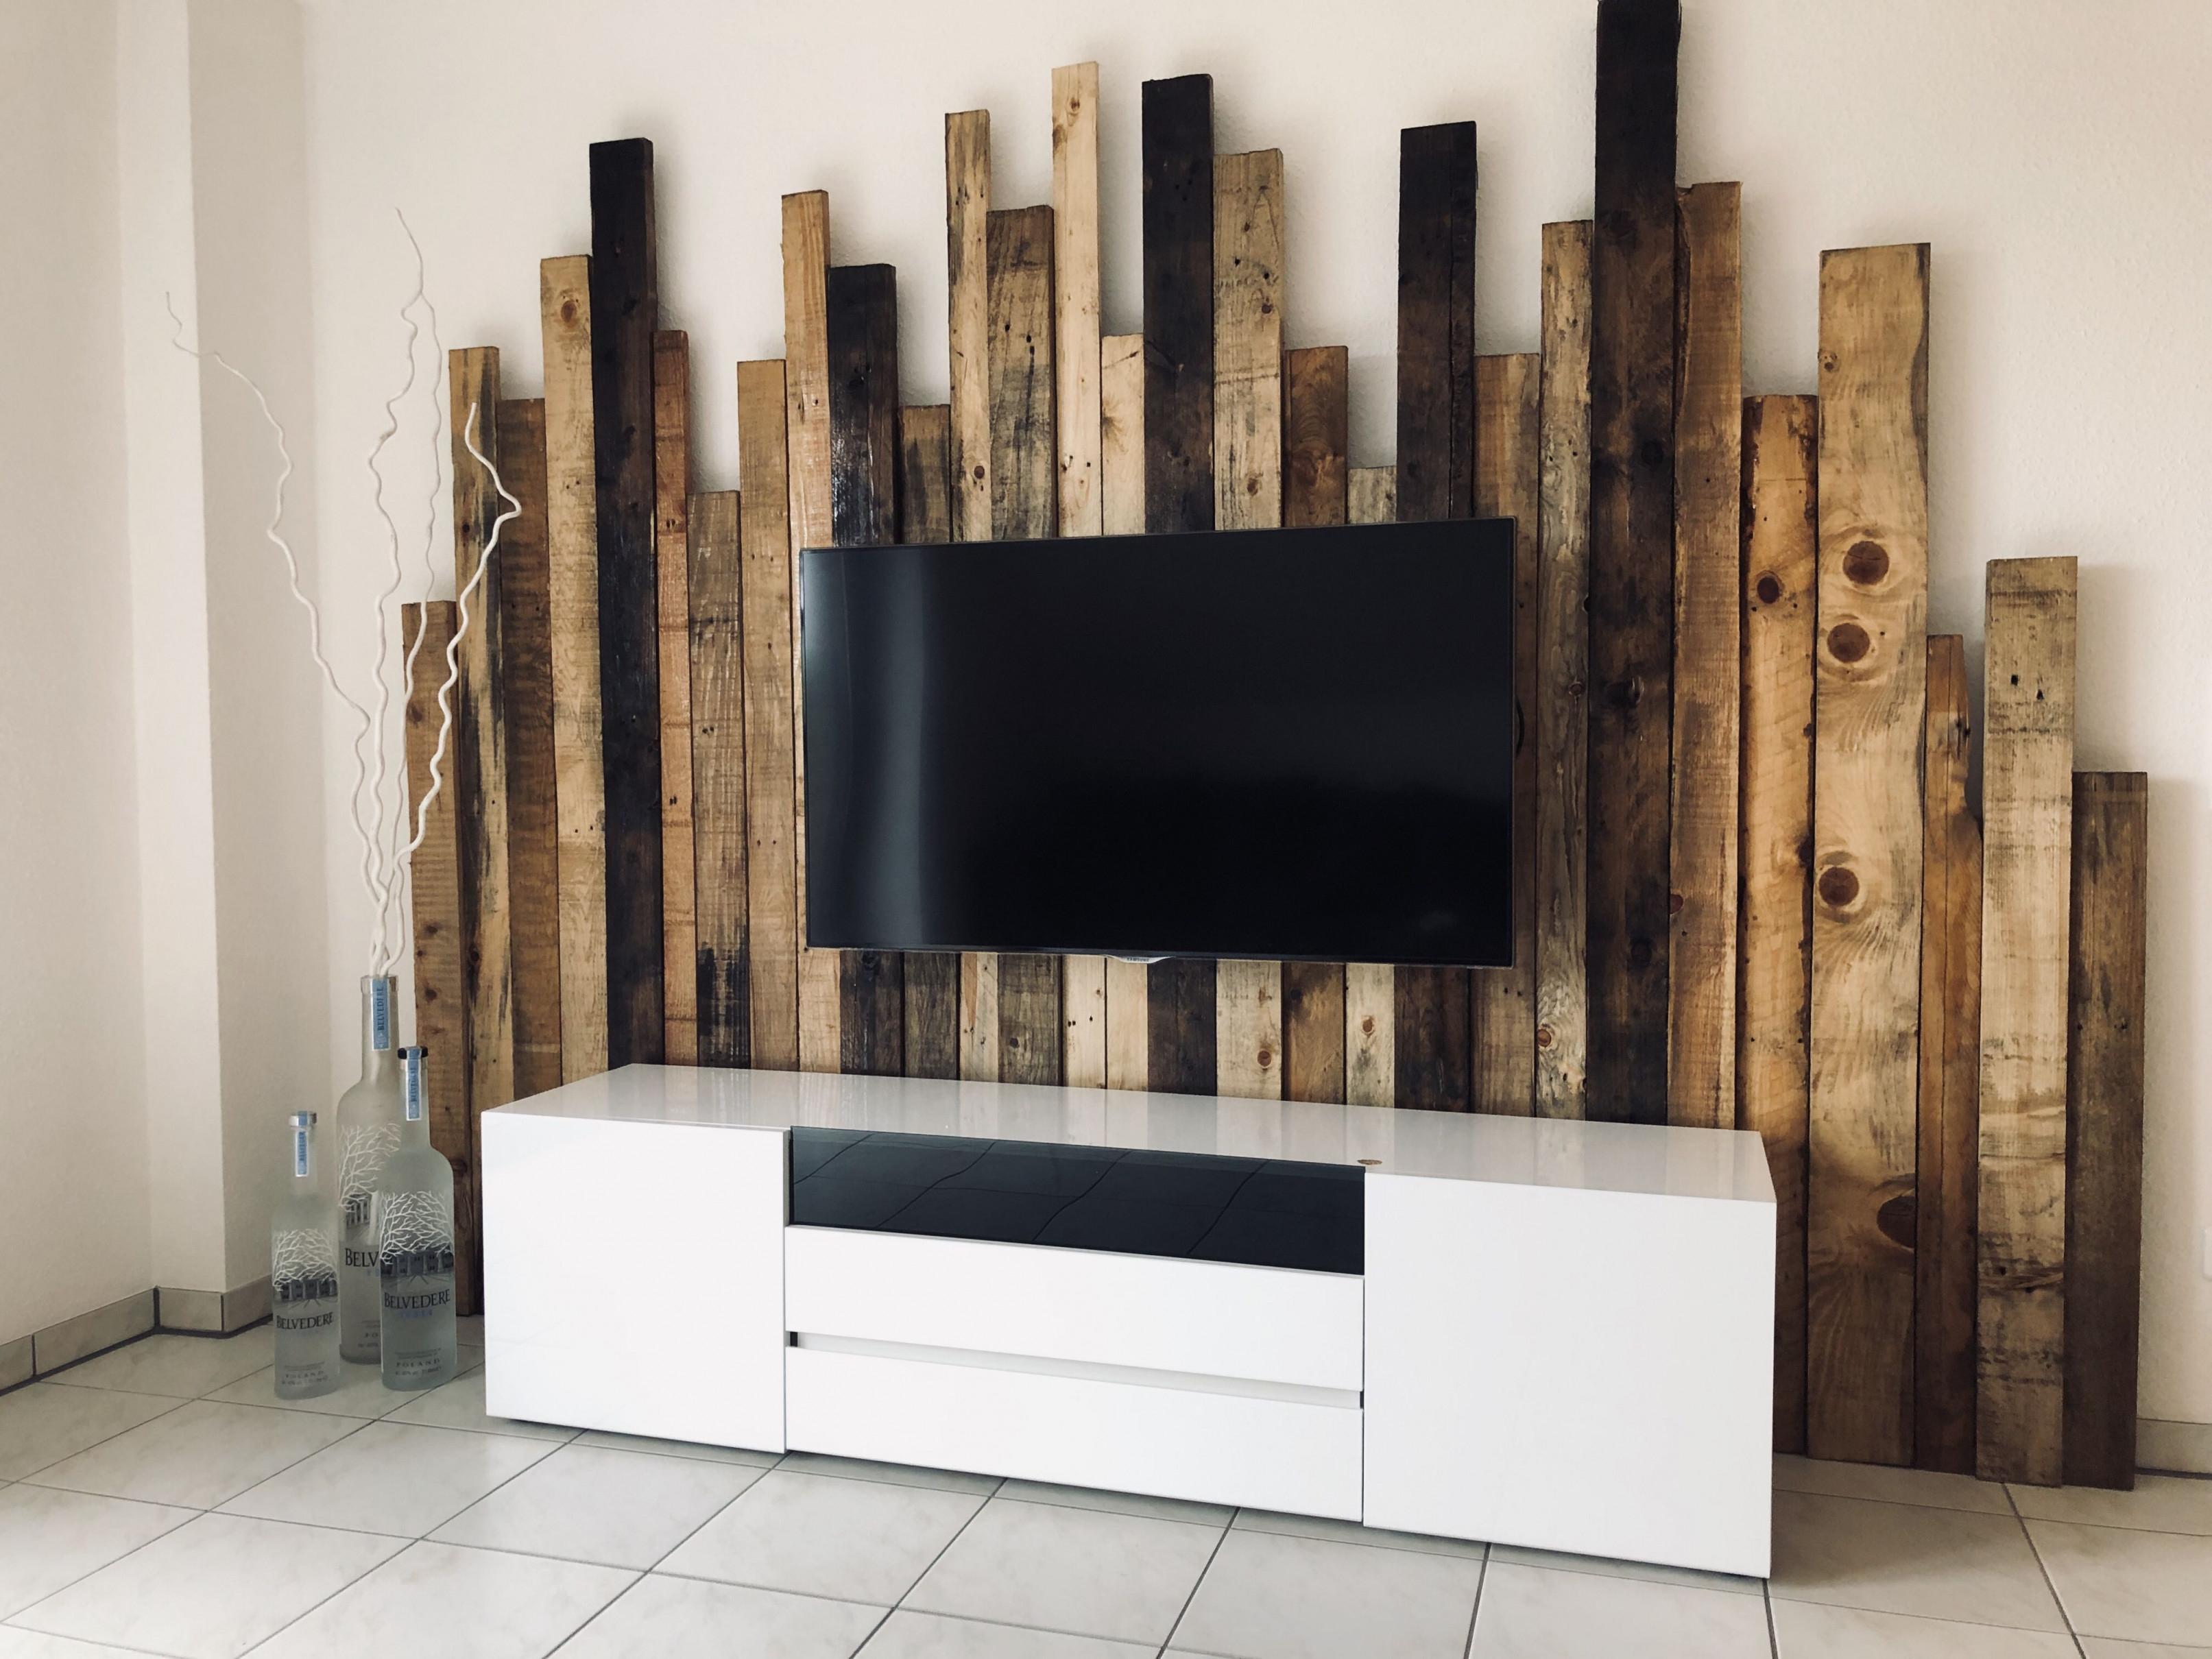 Wohnzimmer  Holzwand Wohnzimmer Wohnung Dekoration von Wohnzimmer Ideen Holz Bild